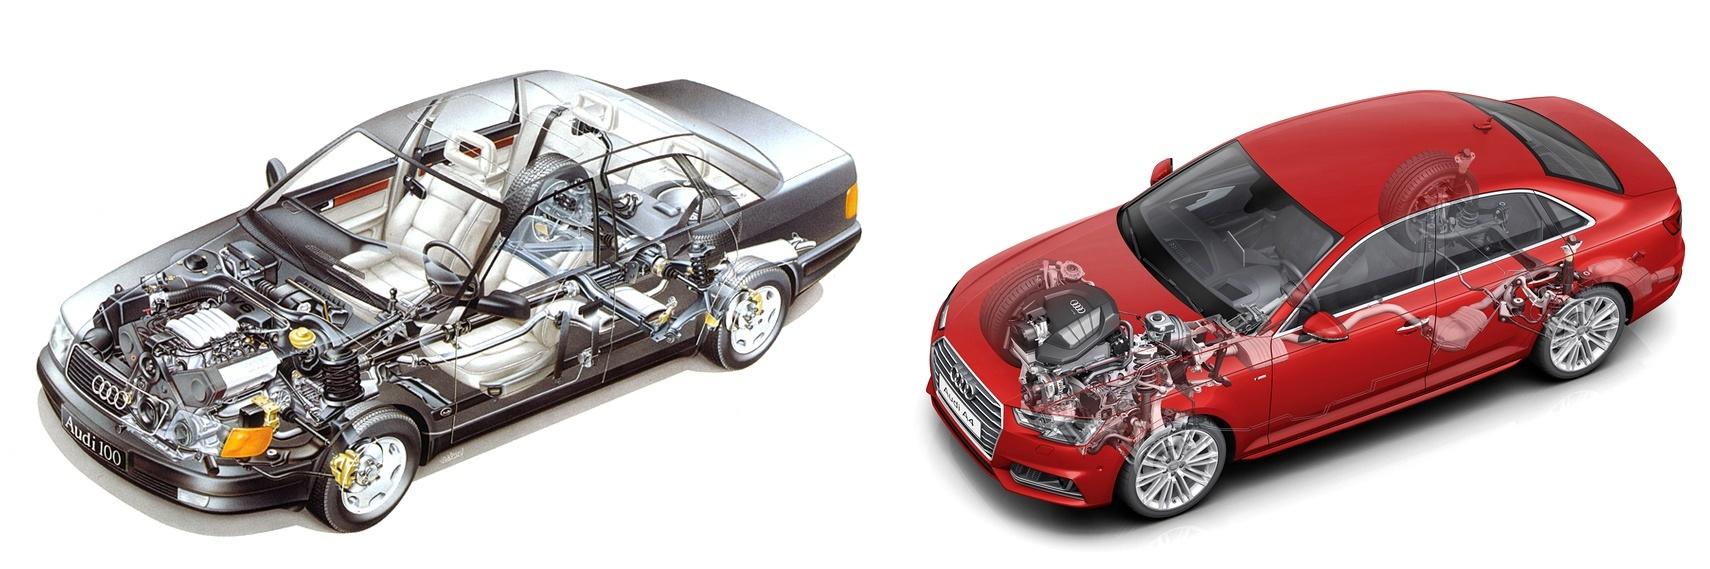 Картинки по запросу Autohors